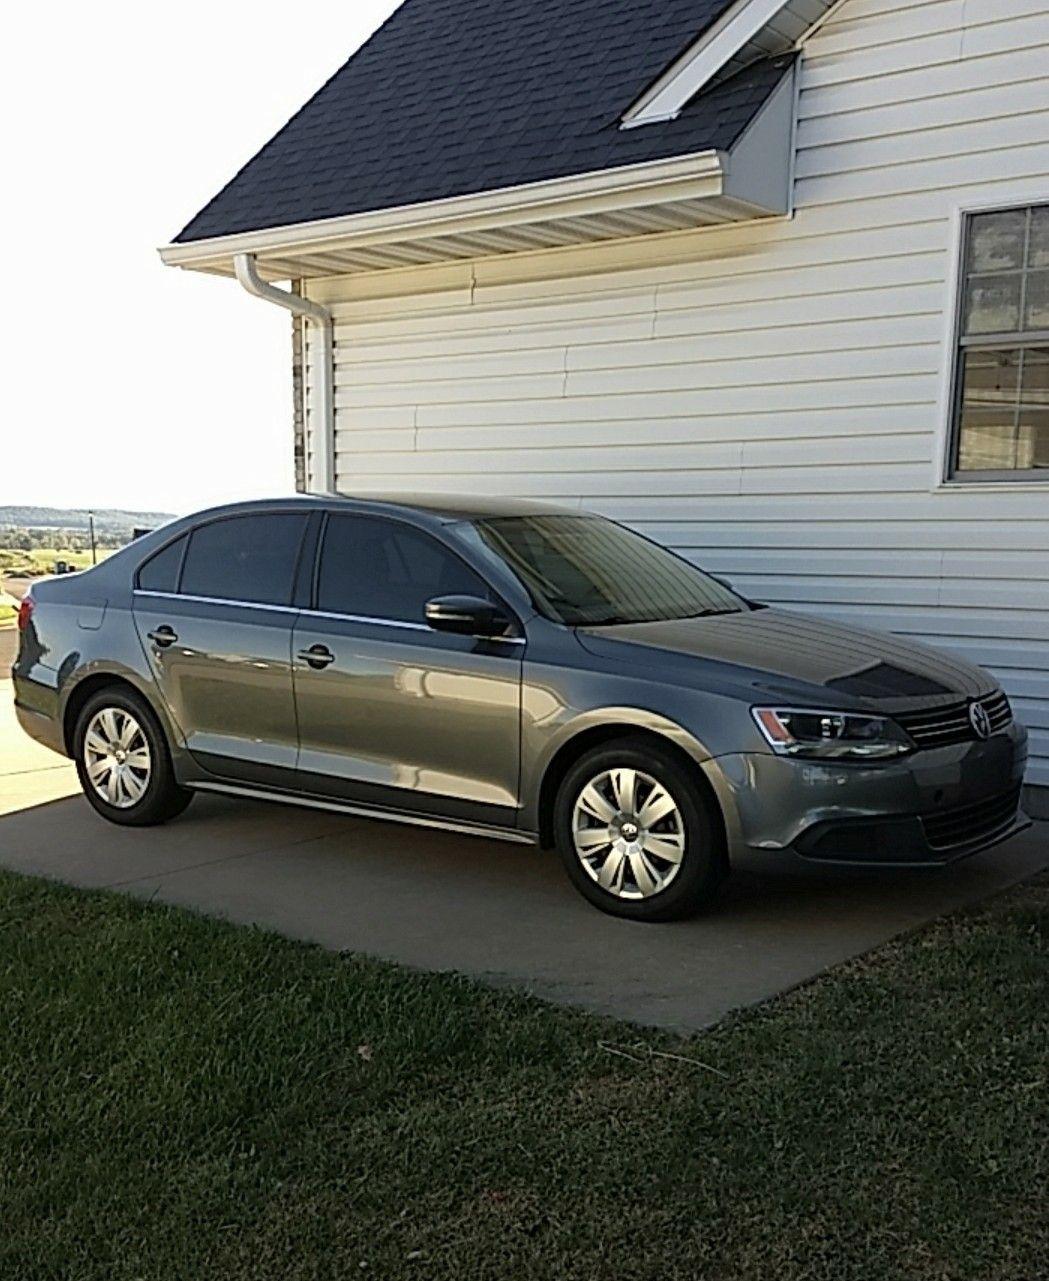 2013 Volkswagen Jetta☺️☺️ Volkswagen jetta, Car, Volkswagen